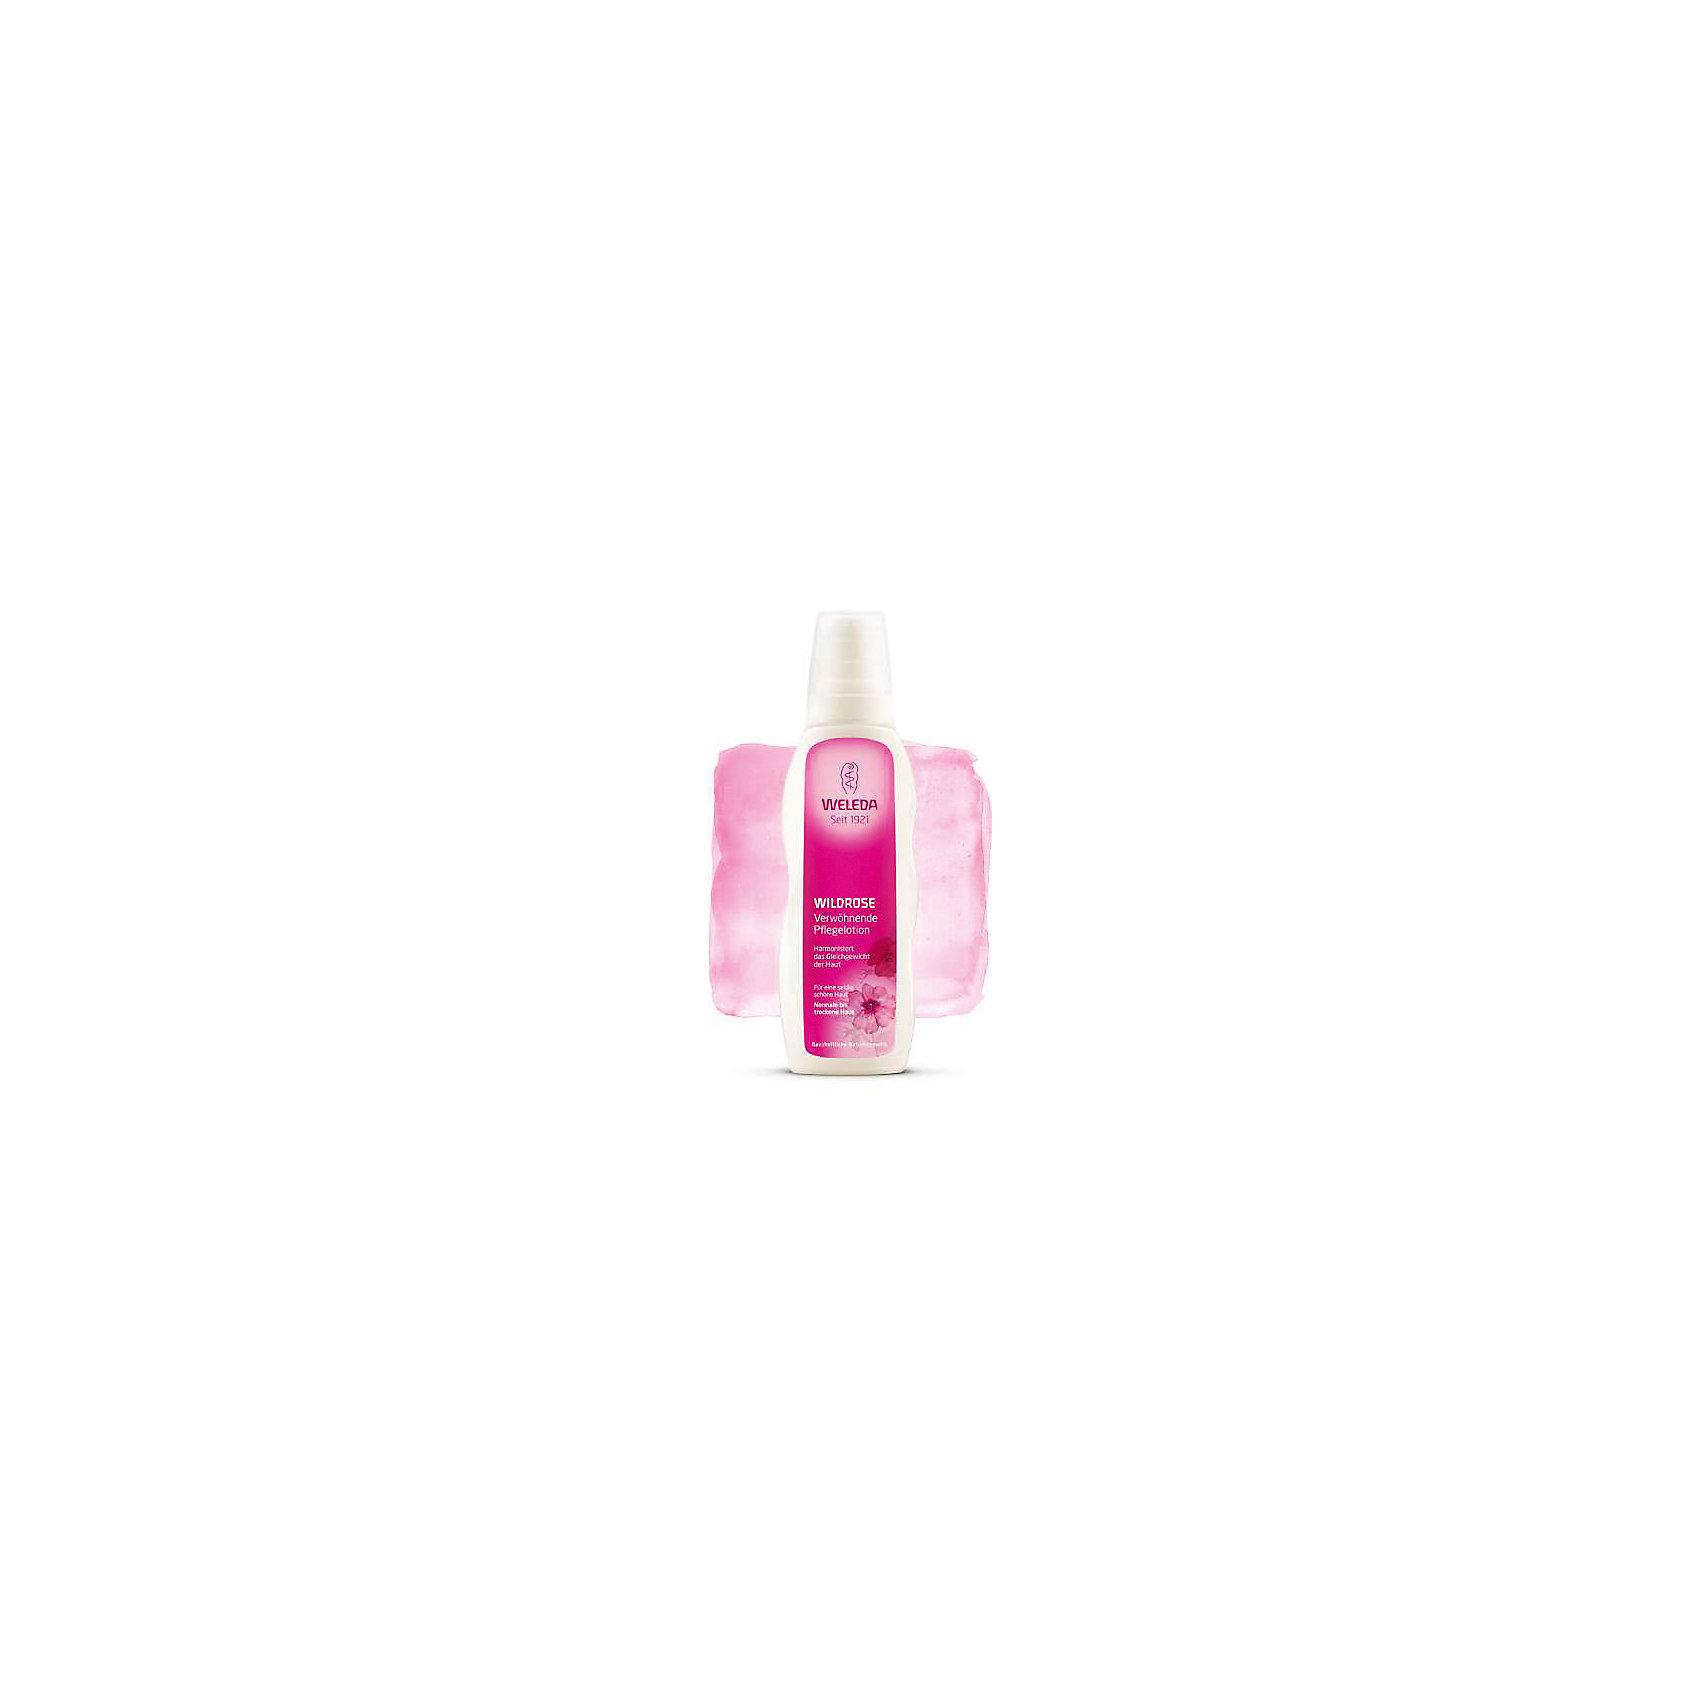 Молочко розовое гармонизирующее для тела, 200мл., Weleda (-)